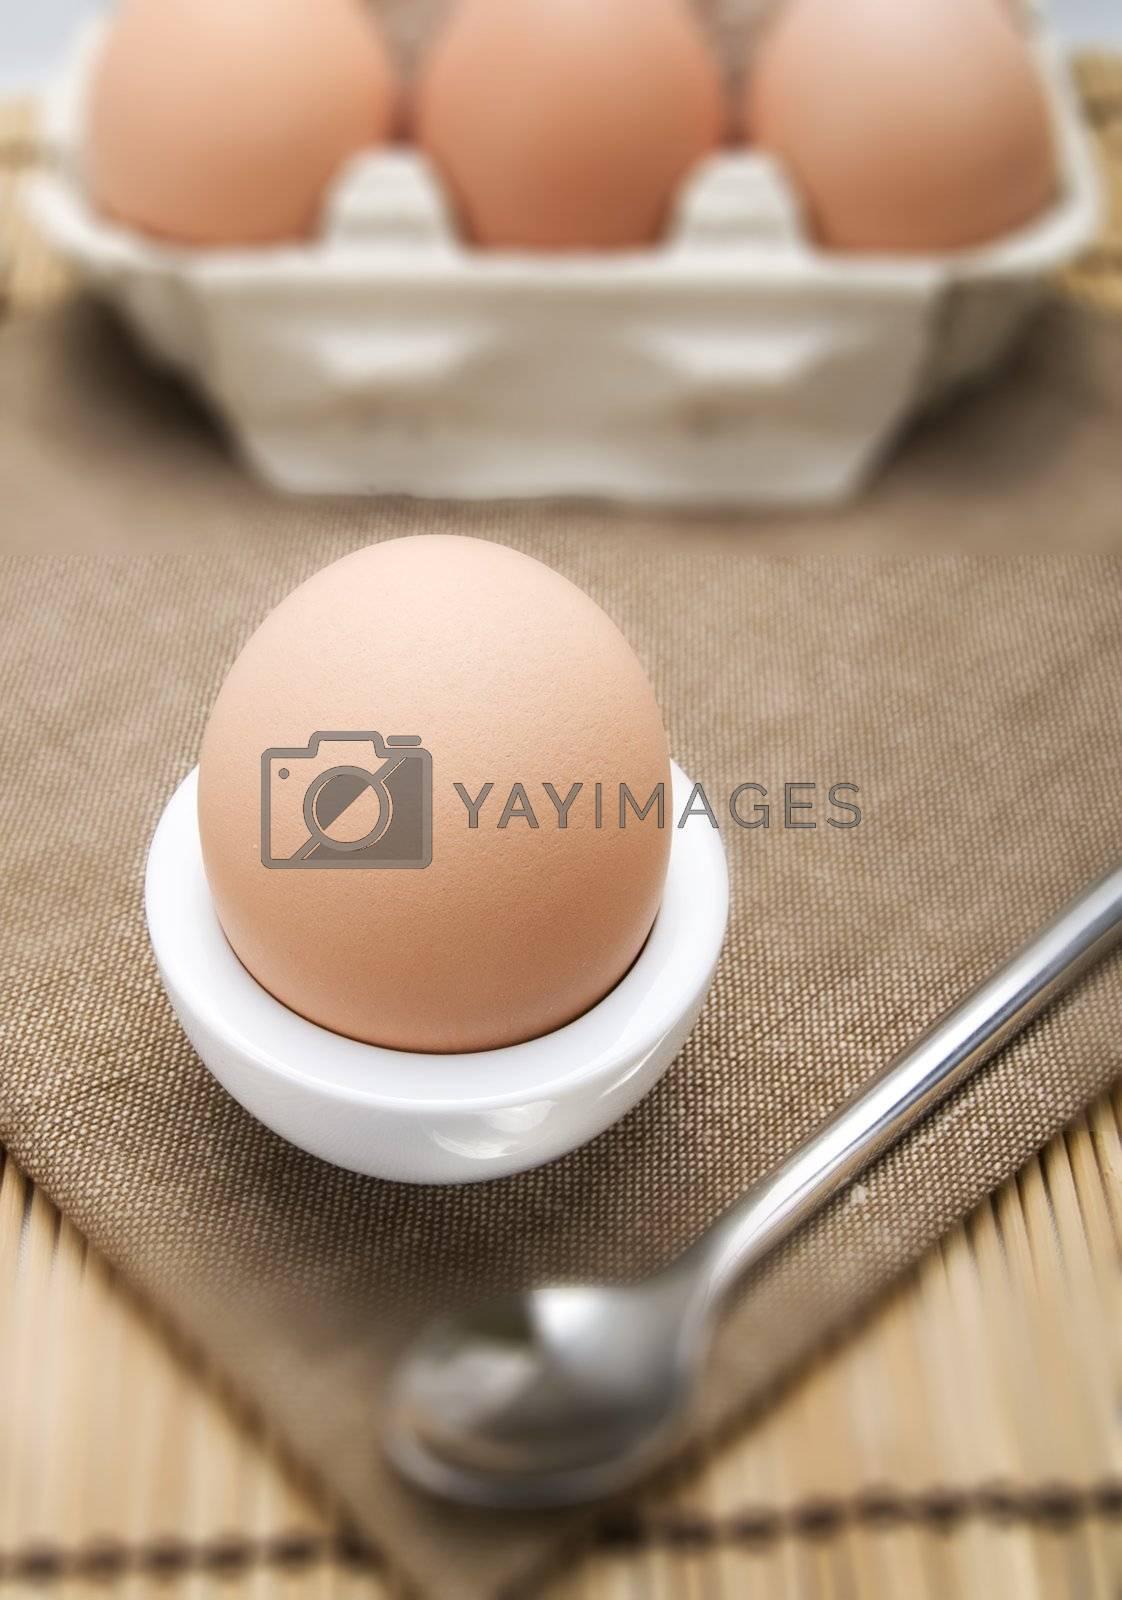 Egg by henrischmit